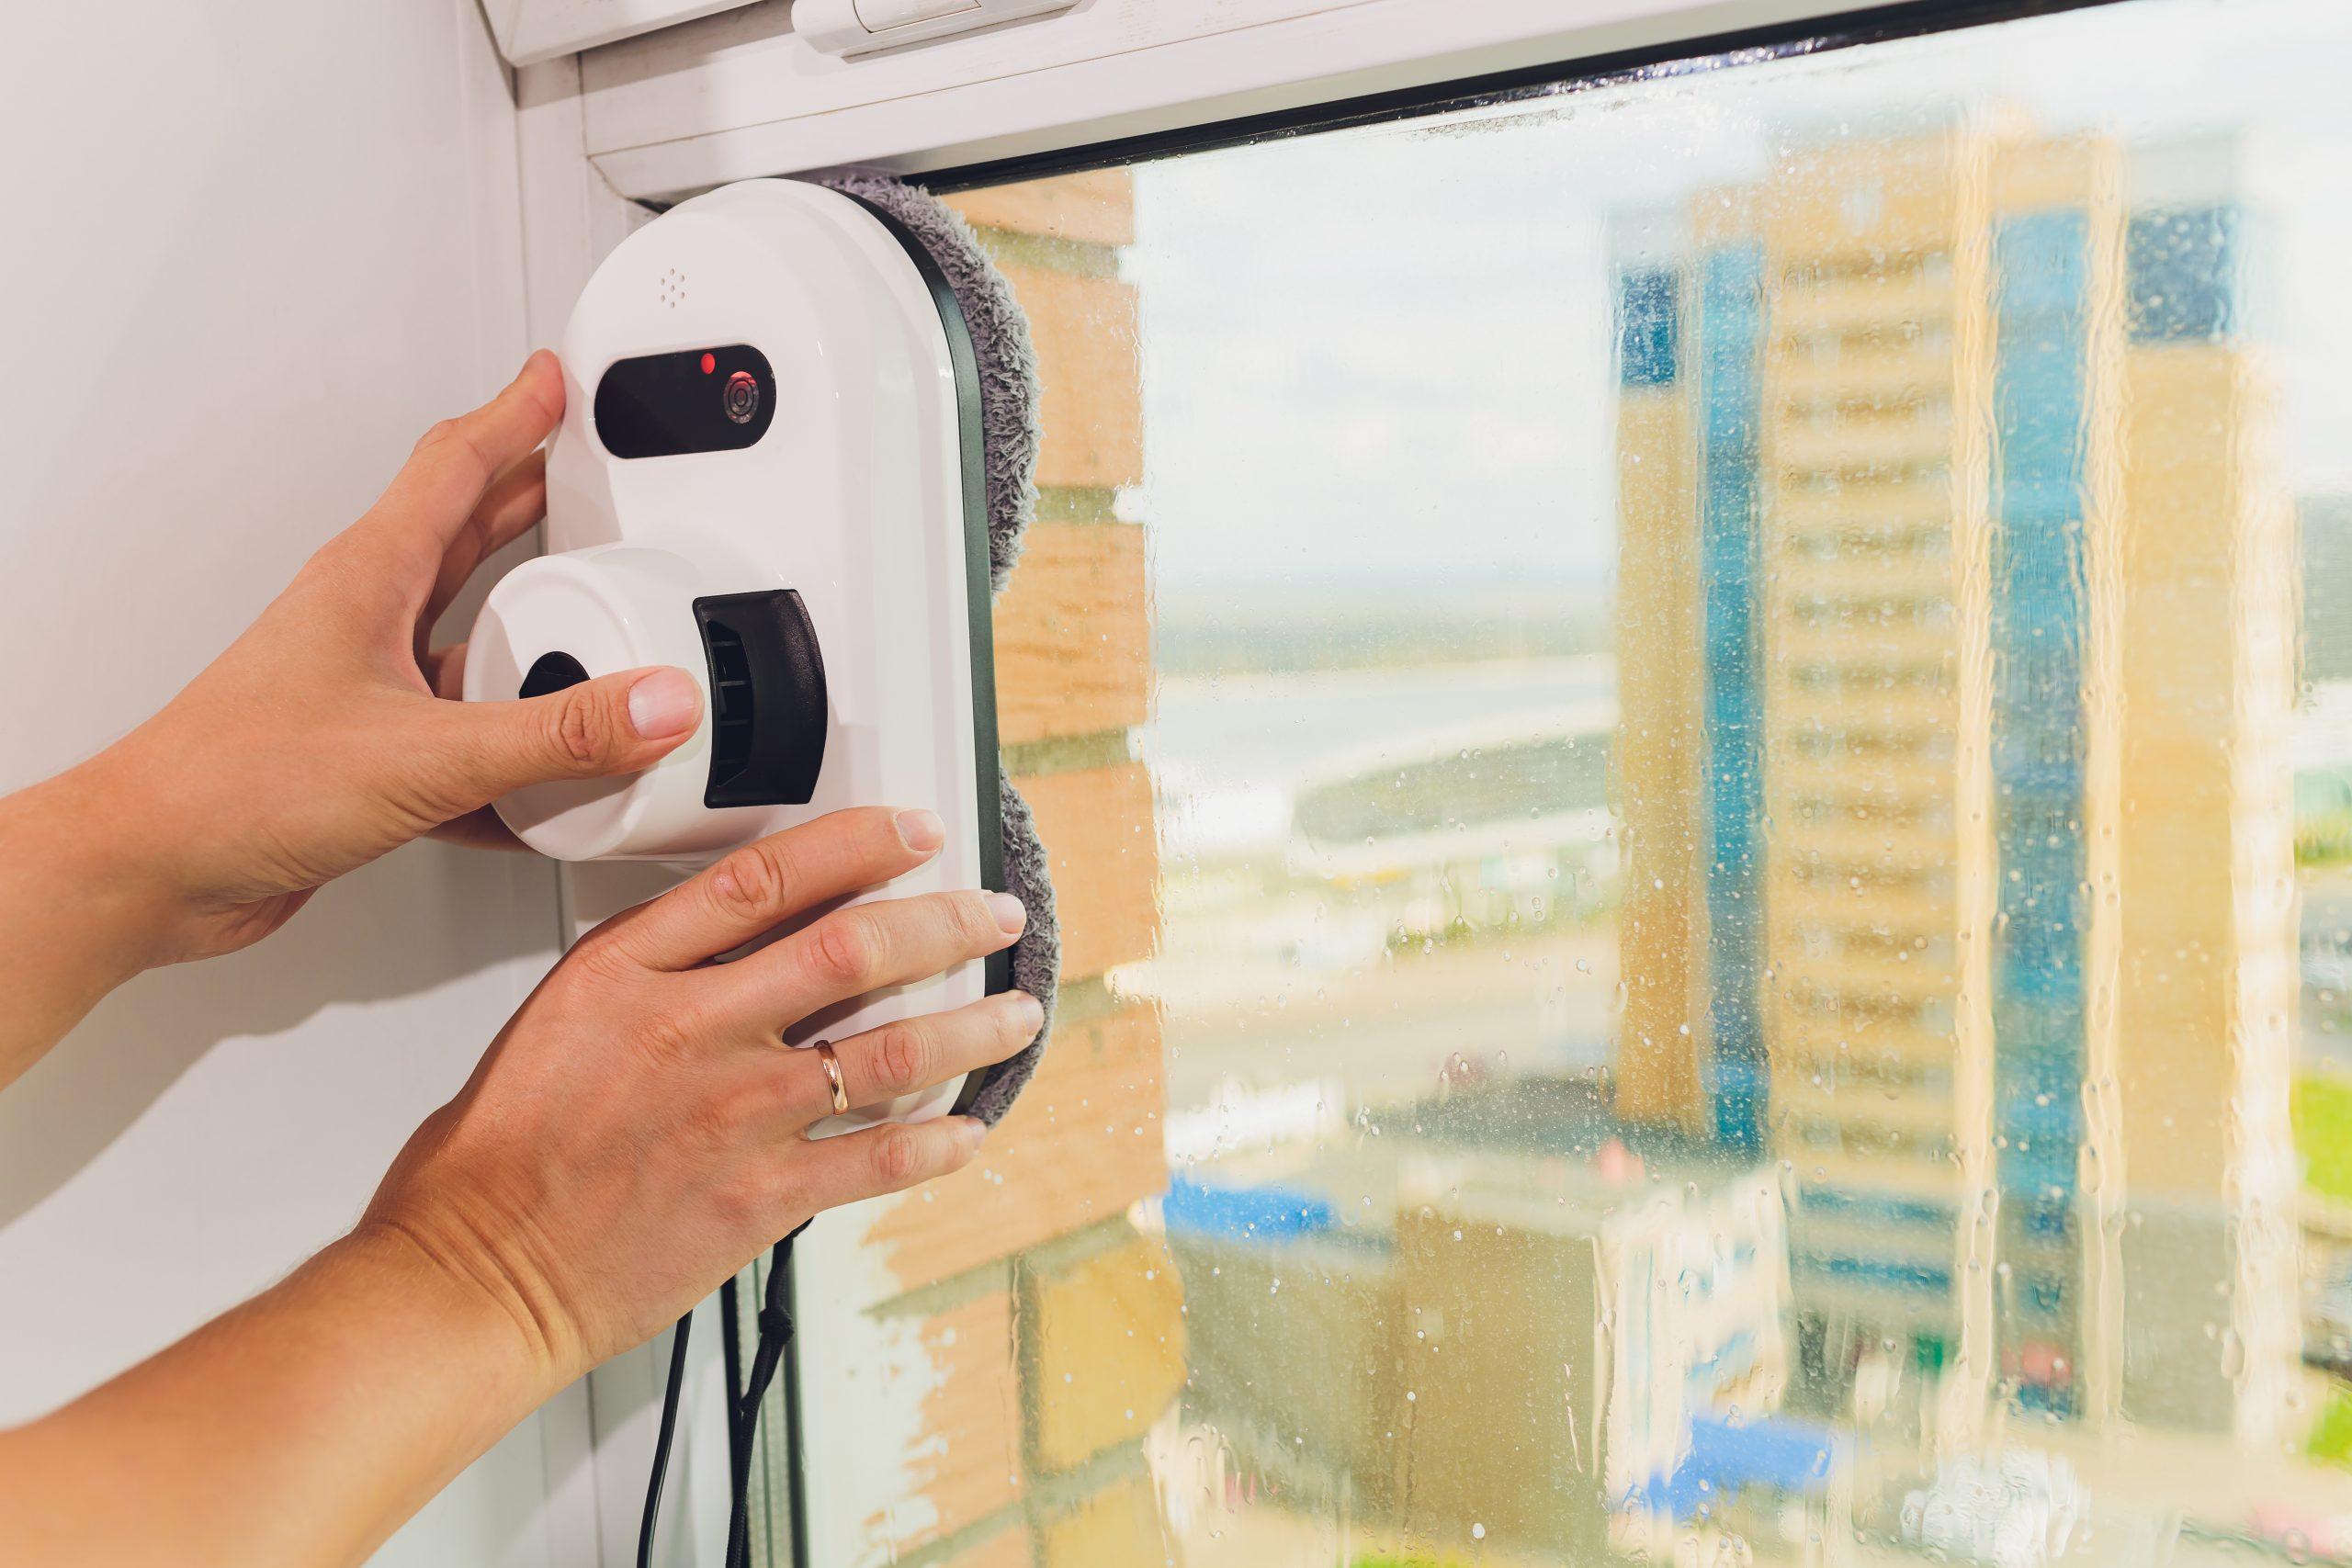 Fensterroboter: Test & Empfehlungen (08/20)